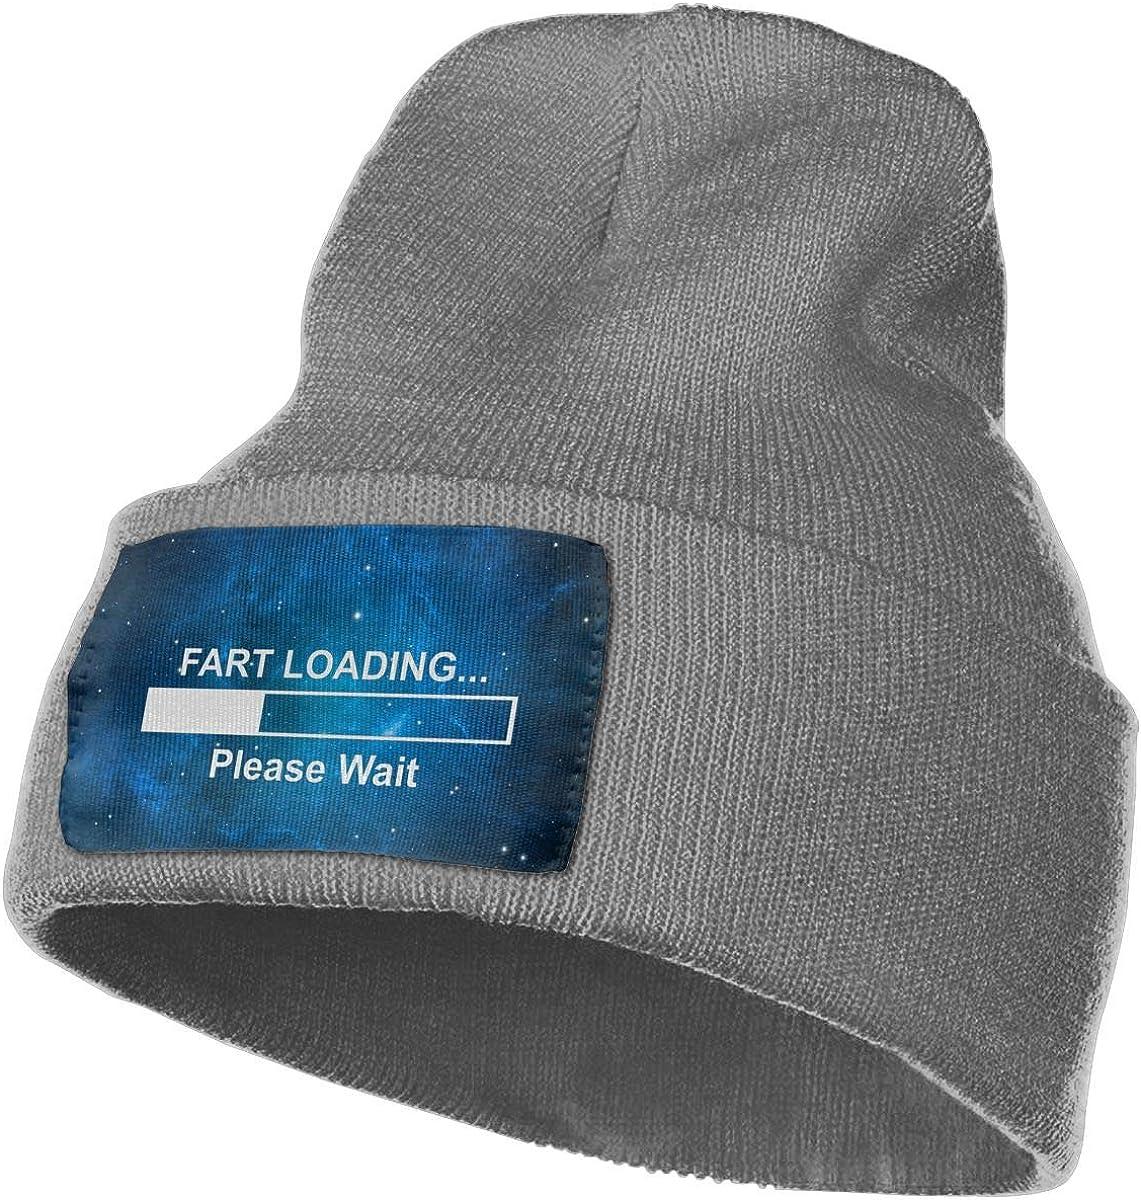 Helidoud Fart Loading Winter Beanie Hat Knit Hat Cap for for Men /& Women